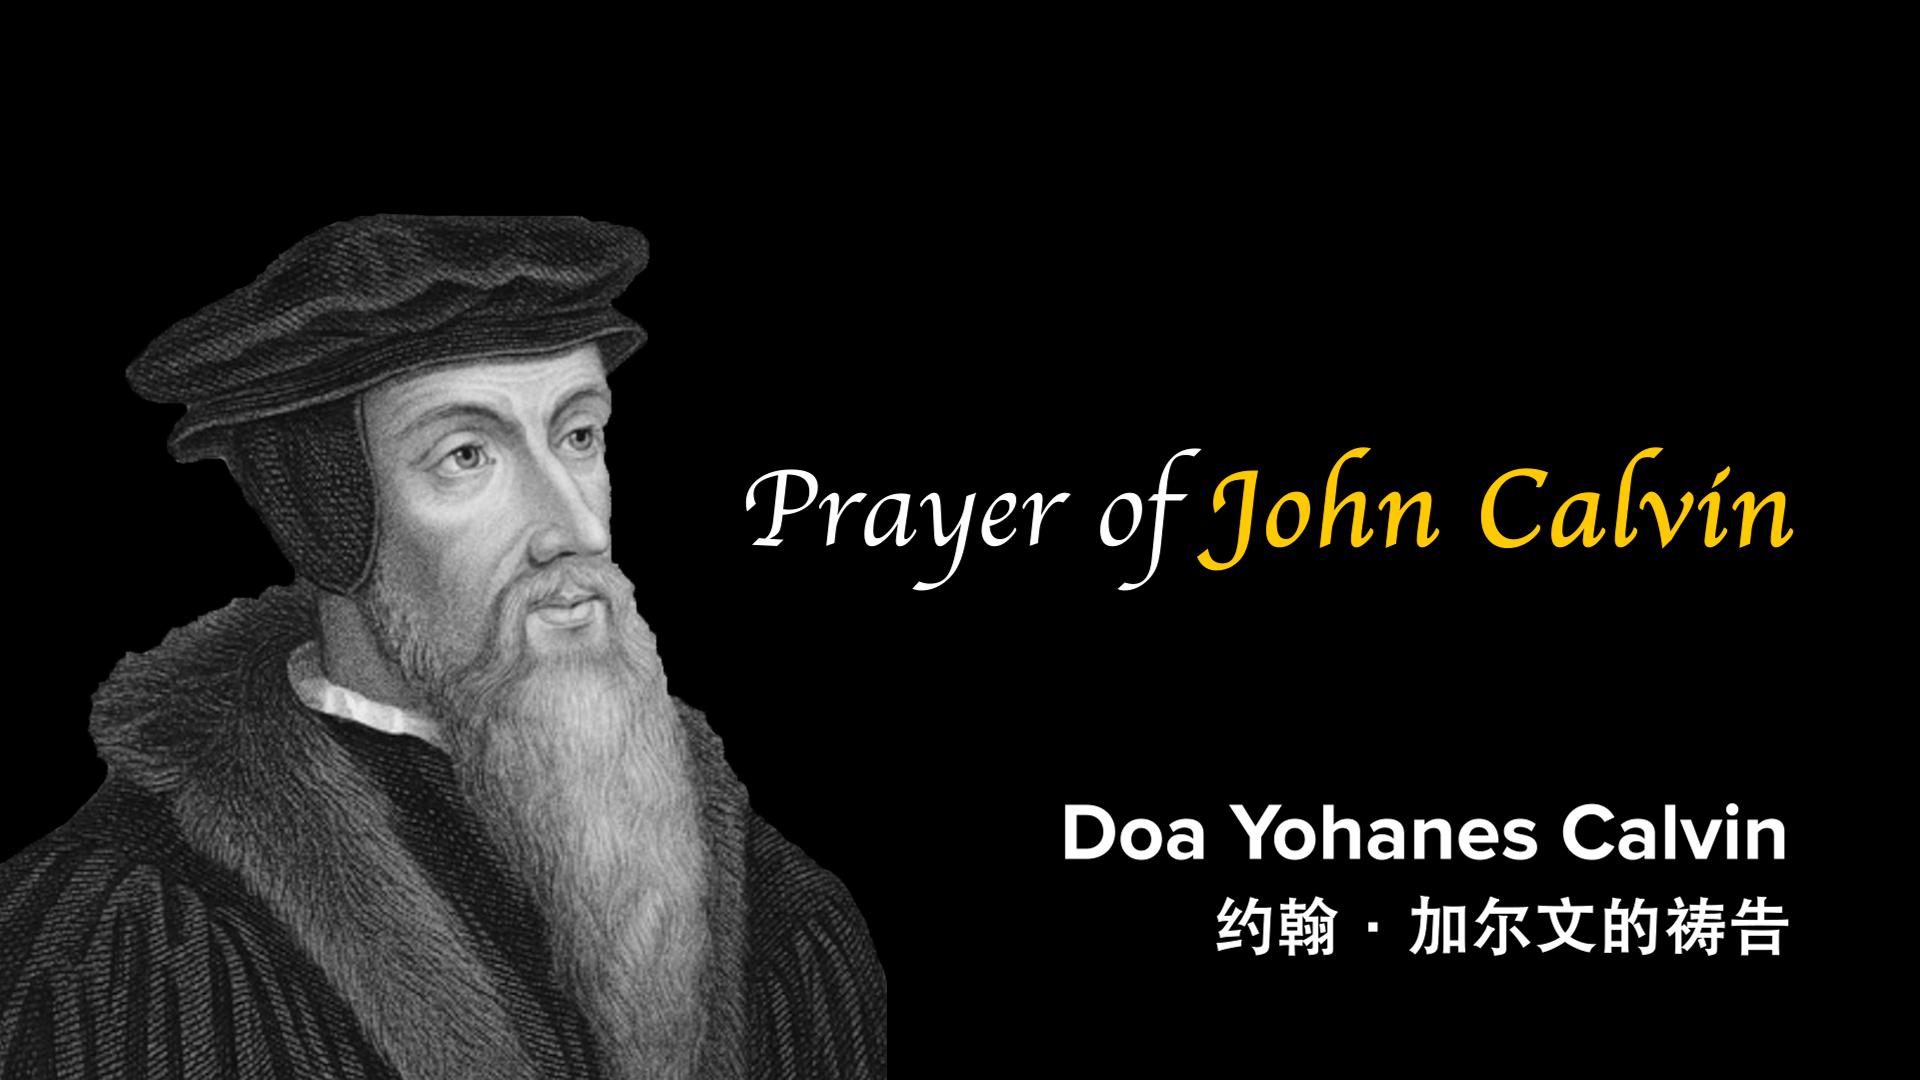 Doa #1: Prayer of John Calvin